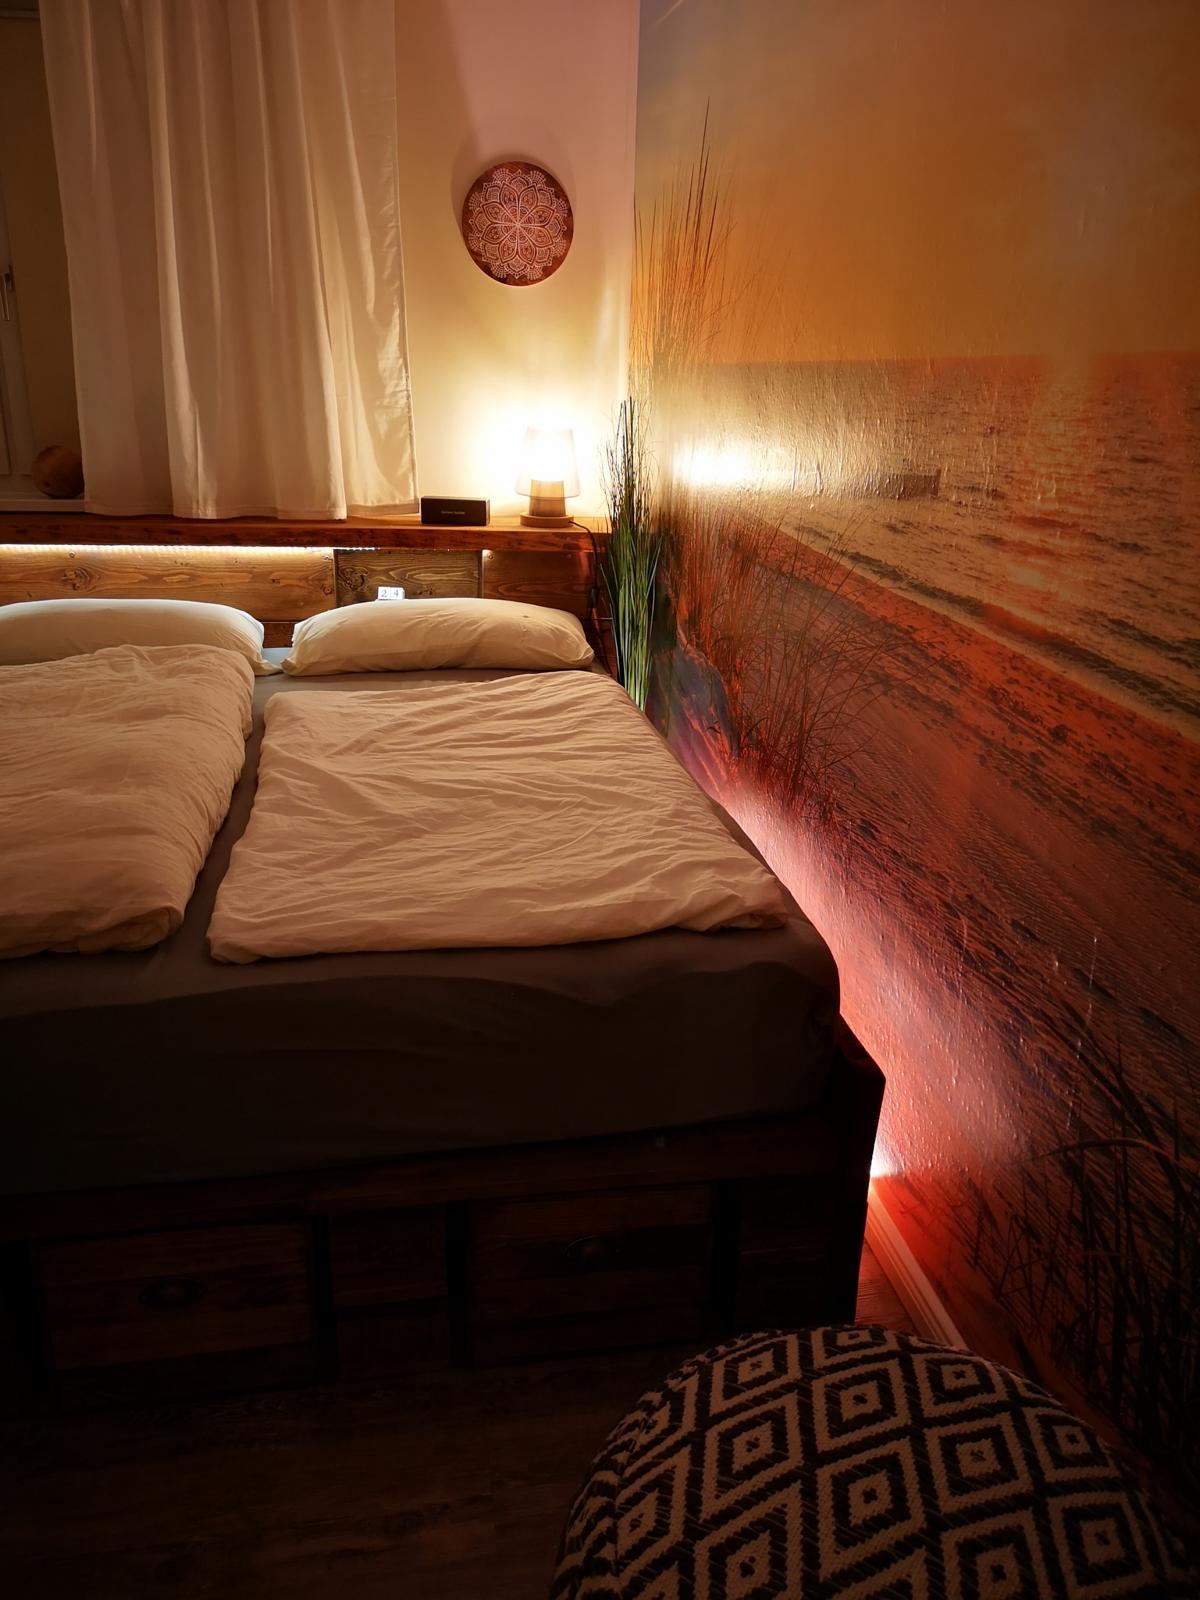 Full Size of Bett Aus Paletten Kaufen Palettenbett Selber Bauen Europaletten Betten Sofa Online Küche Mit Elektrogeräten Bette Badewannen Einzelbett Günstig Moderne Bett Bett Aus Paletten Kaufen